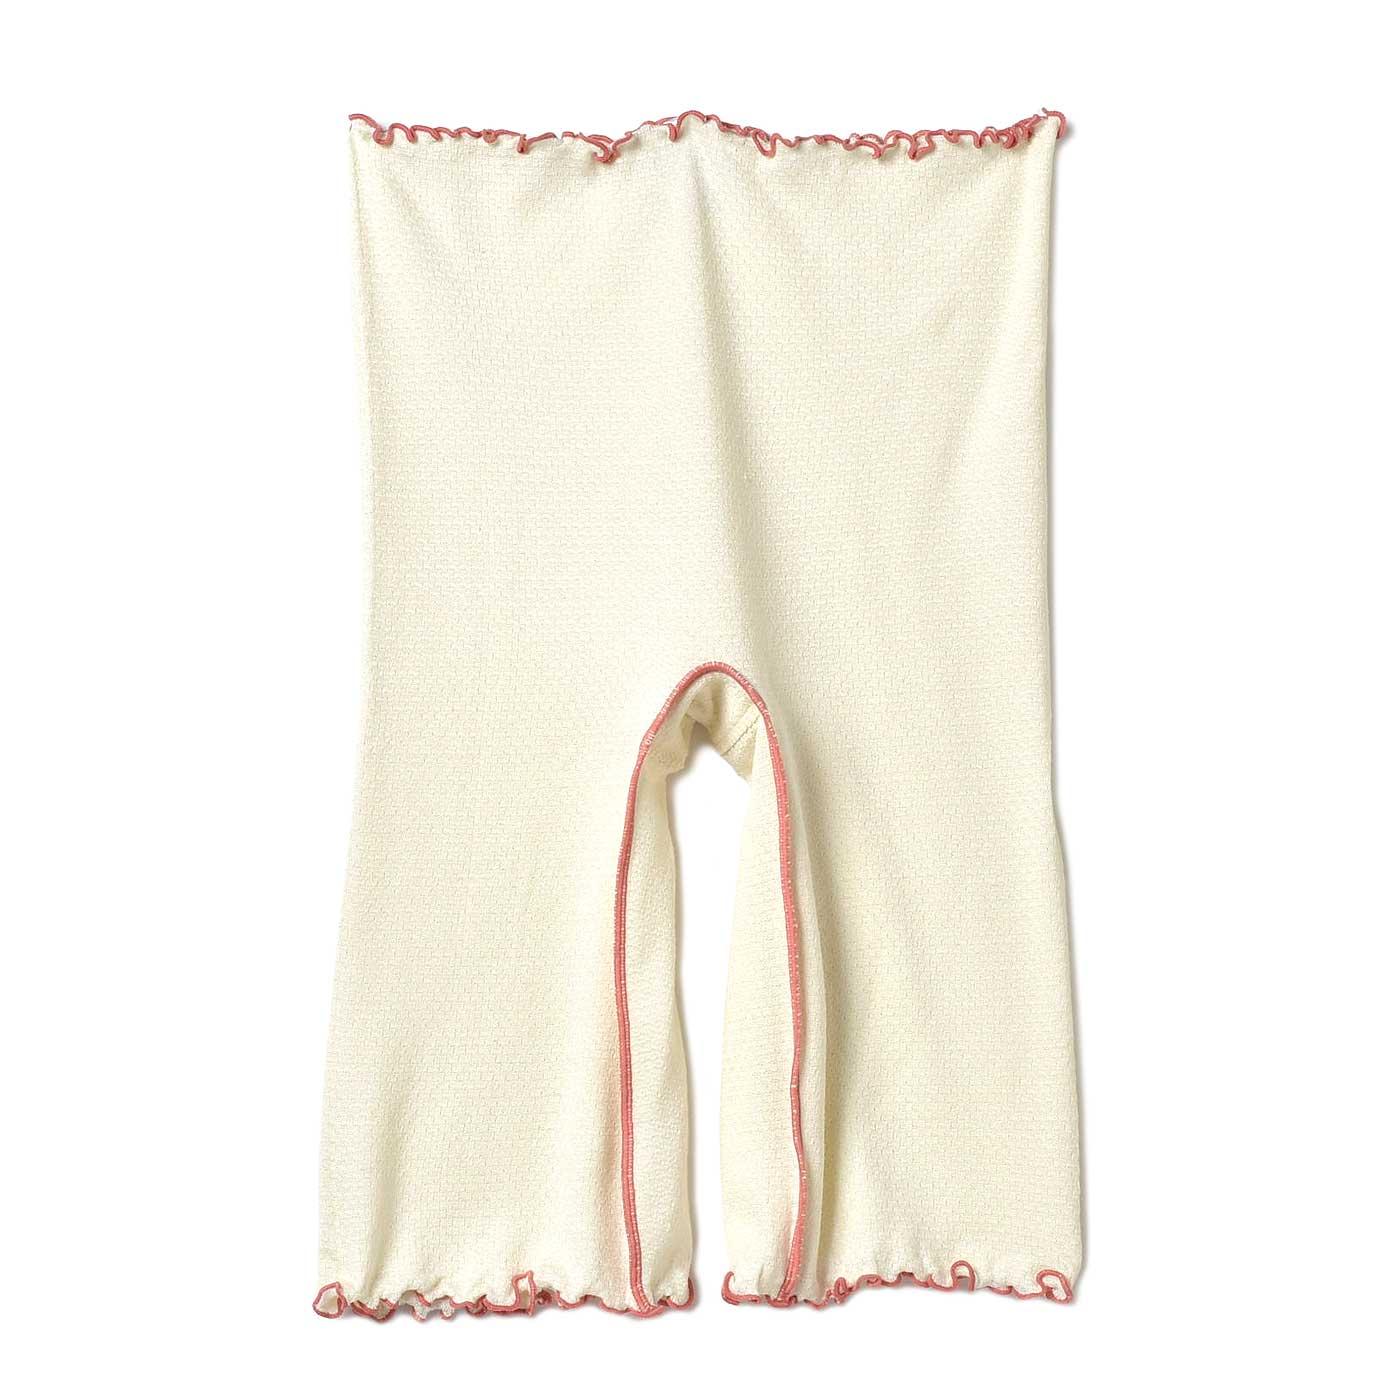 長め丈でおなかをすっぽり包んで冷やさない、5分丈ショーツ。足の付け根も締め付けない仕様に。「絹紡糸(けんぼうし)」を採用した繊細なシルクニット仕上げ。